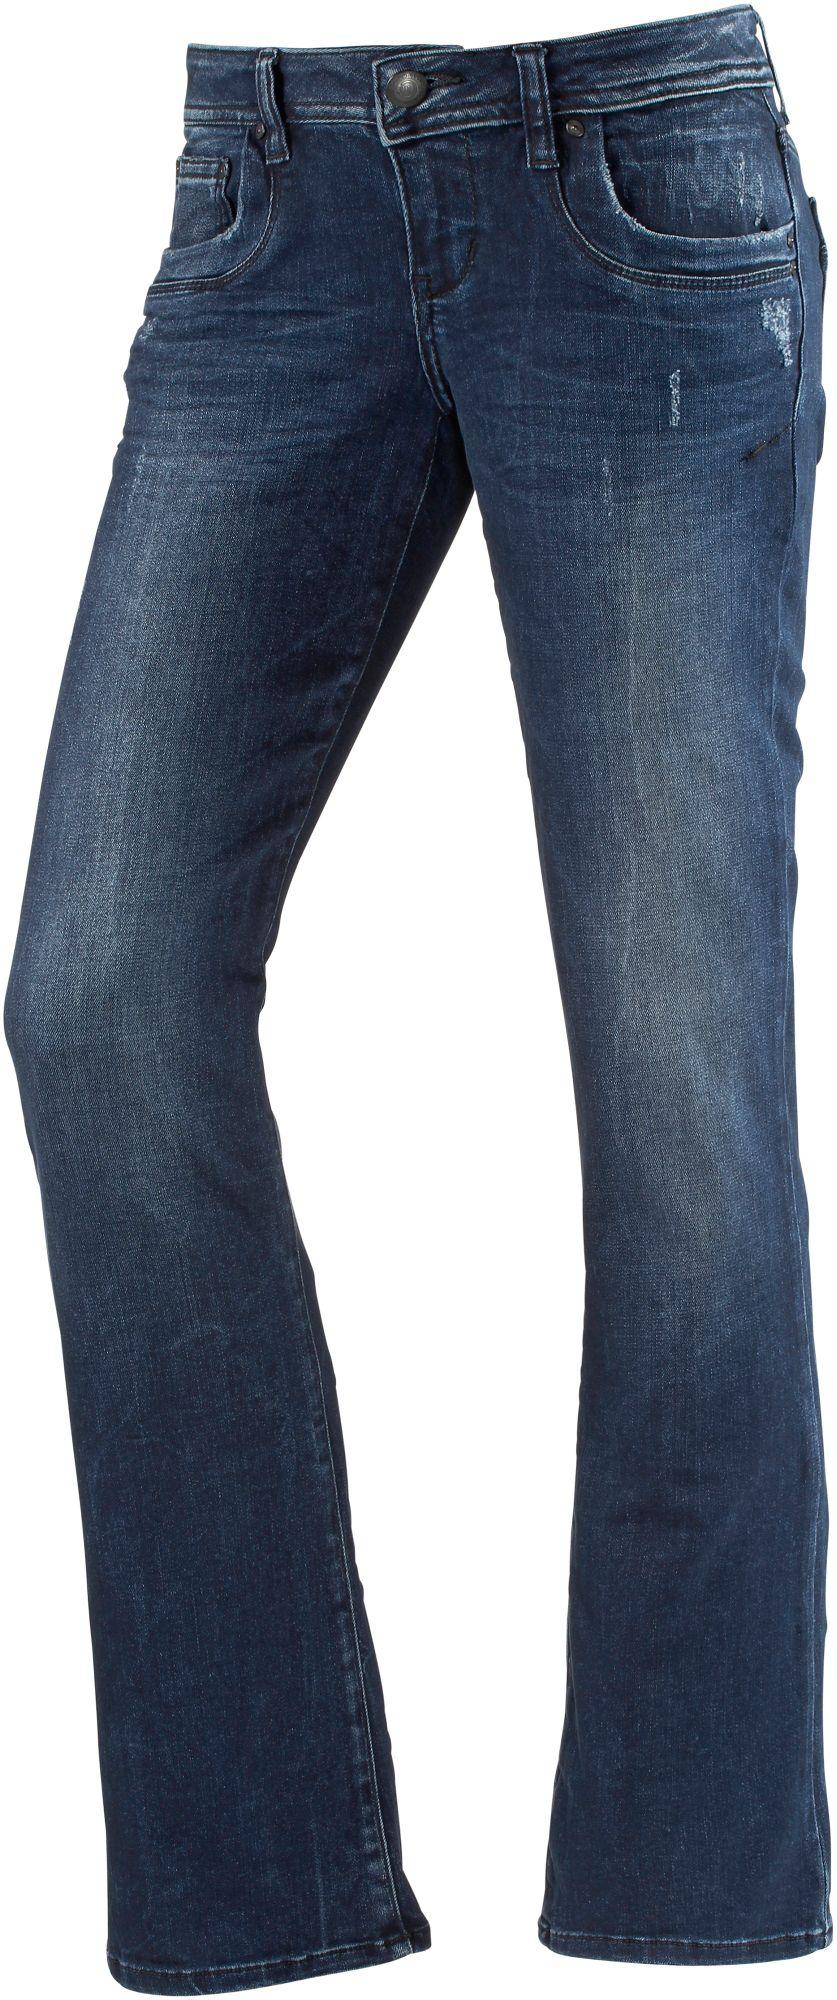 LTB Valerie Bootcut Jeans Damen von SportScheck  in black - Schwarz für 49,95€